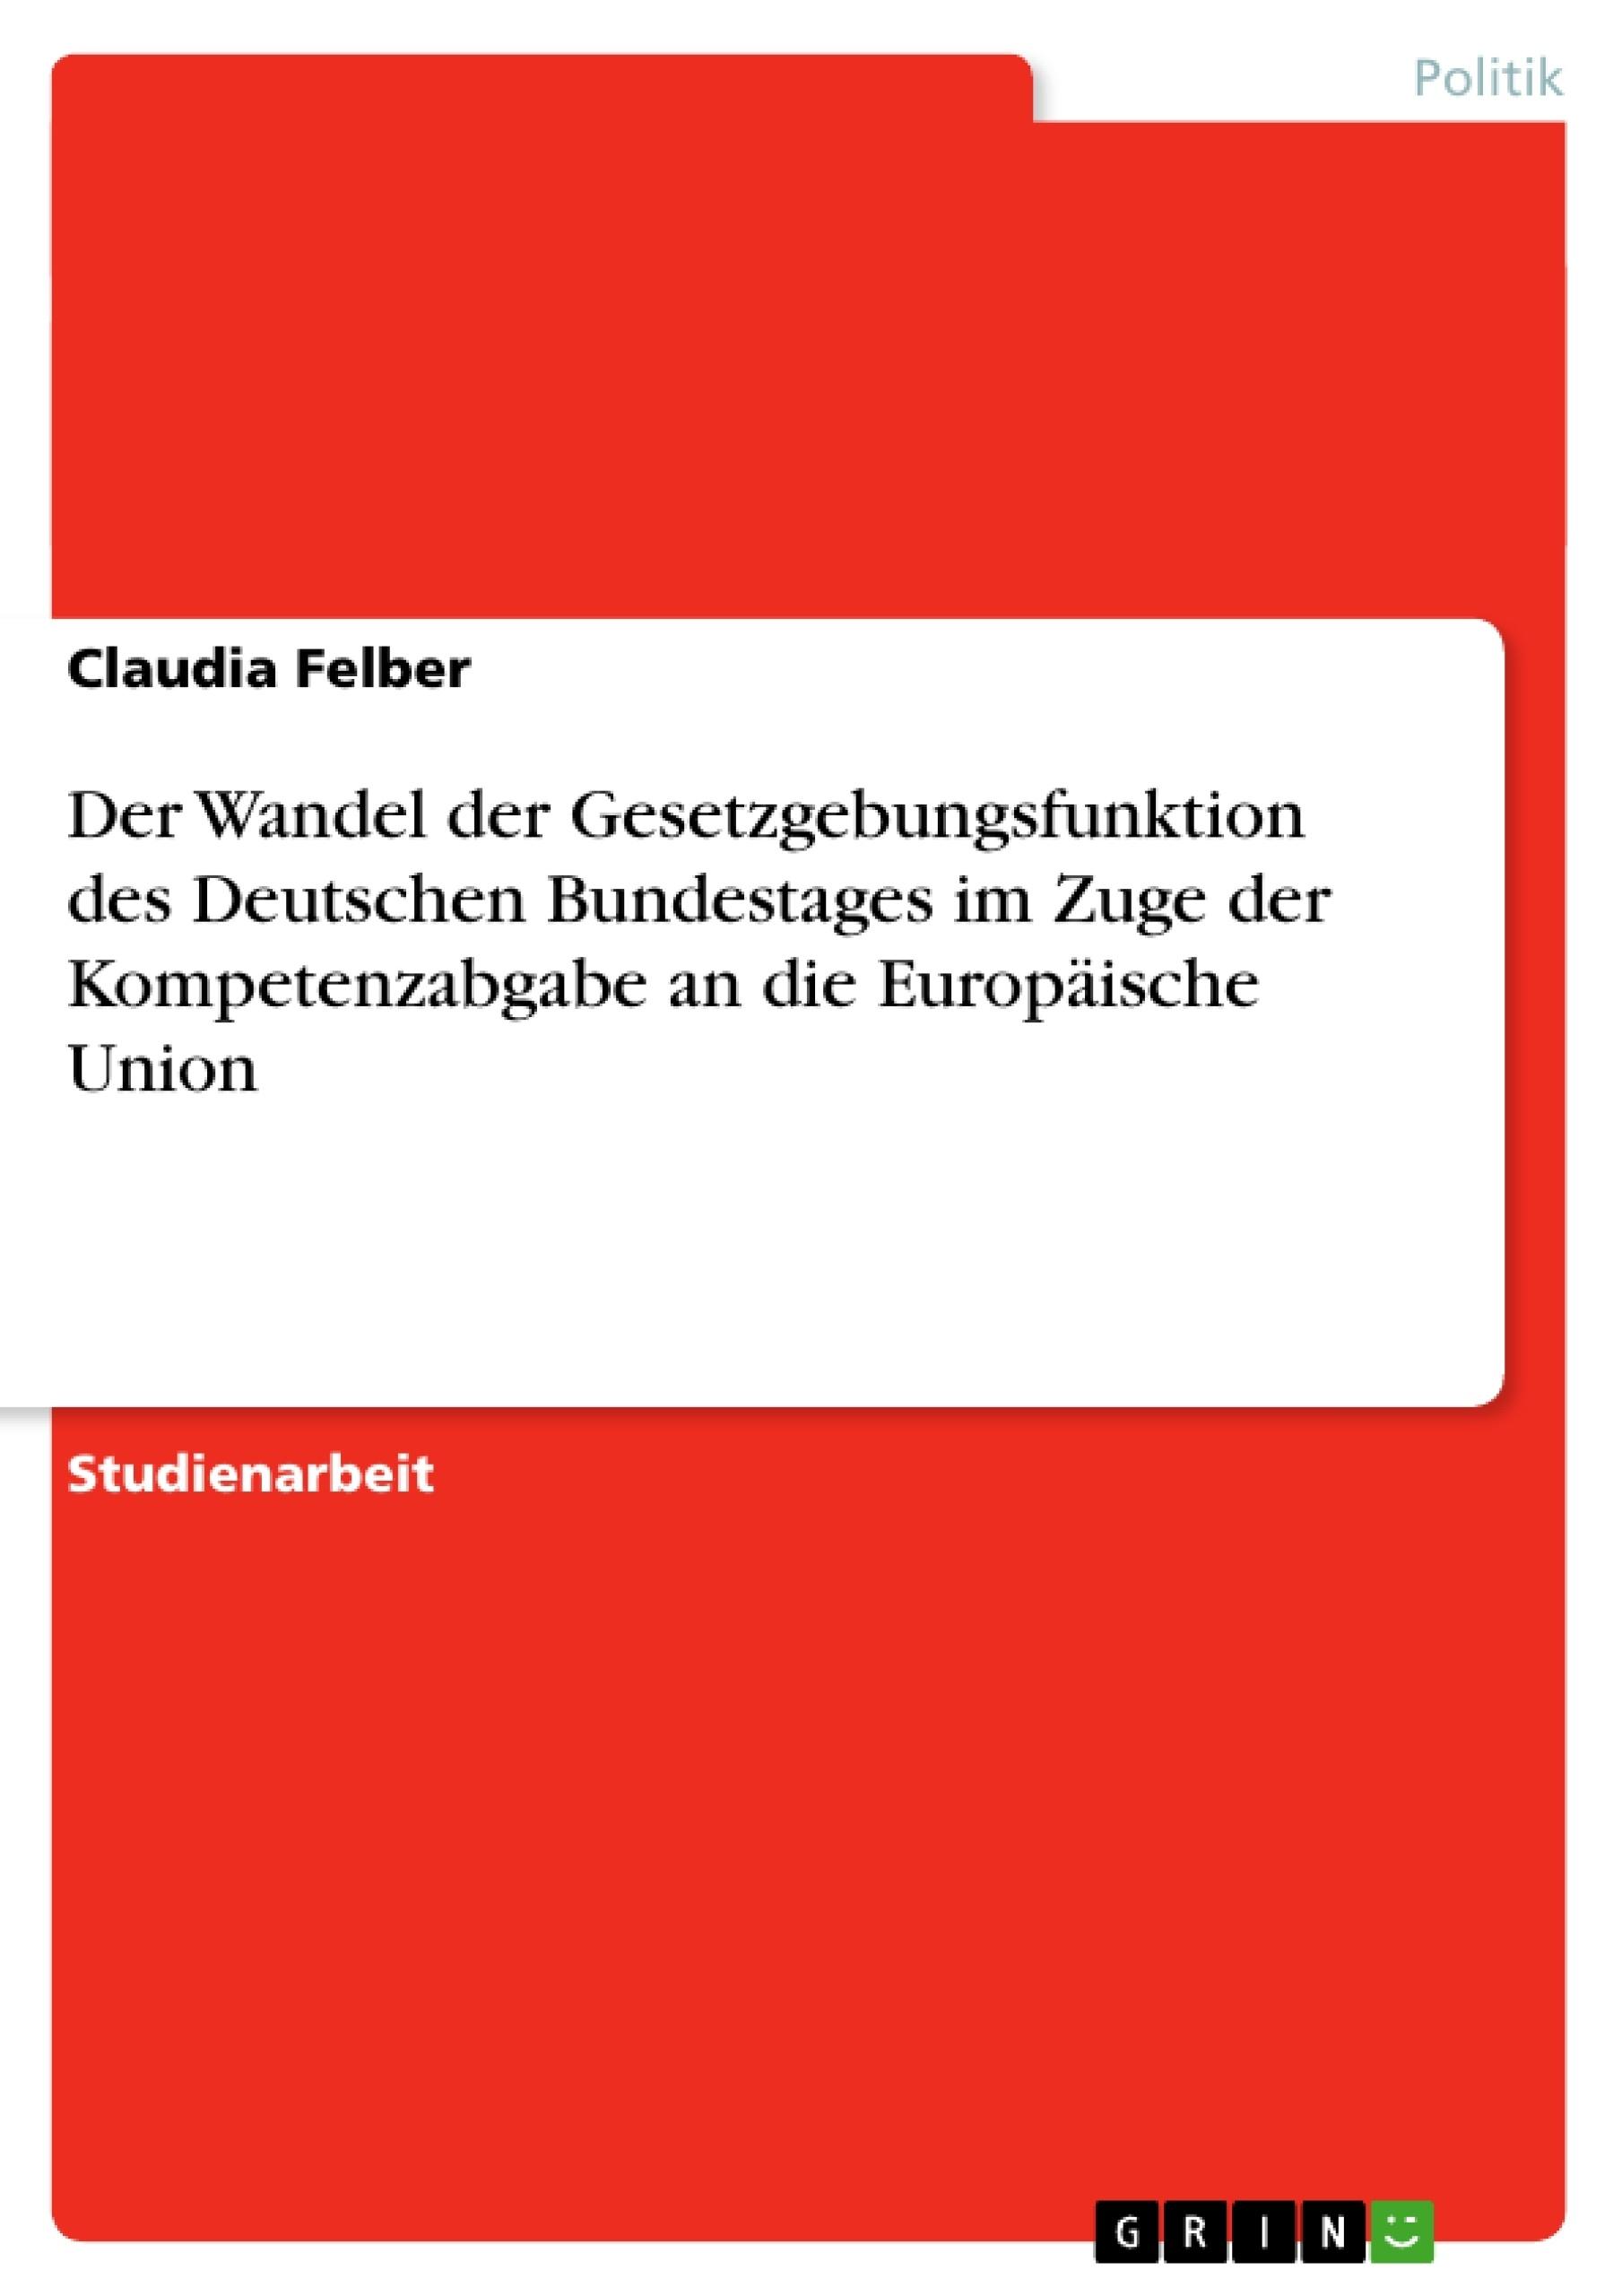 Titel: Der Wandel der Gesetzgebungsfunktion des Deutschen Bundestages im Zuge der Kompetenzabgabe an die Europäische Union